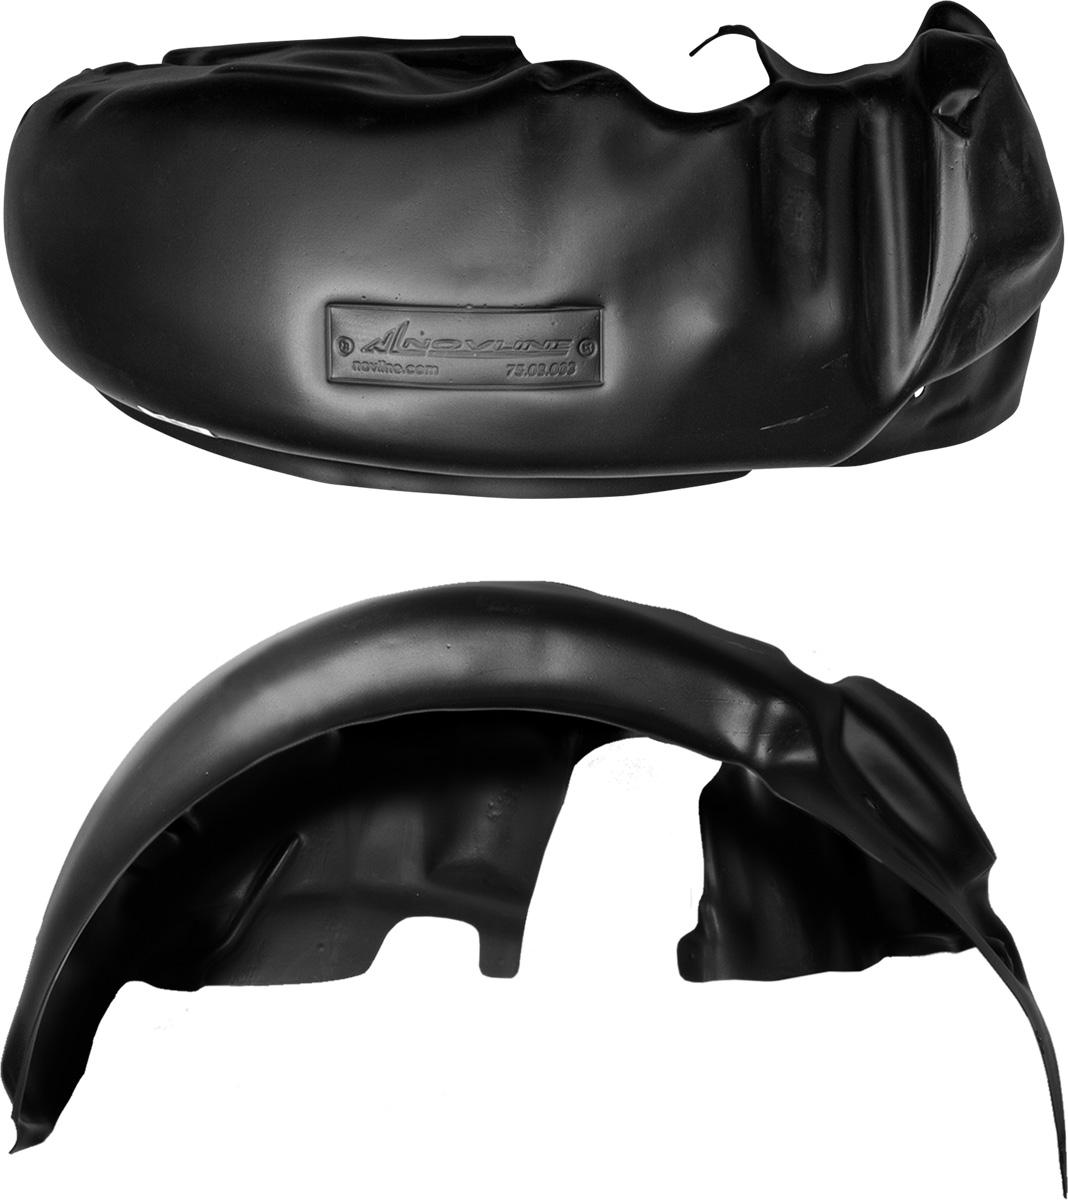 Подкрылок Novline-Autofamily, для Chevrolet Lacetti, 2004-2013, хэтчбек, седан, задний левый4503Колесные ниши - одни из самых уязвимых зон днища вашего автомобиля. Они постоянно подвергаются воздействию со стороны дороги. Лучшая, почти абсолютная защита для них - специально отформованные пластиковые кожухи, которые называются подкрылками. Производятся они как для отечественных моделей автомобилей, так и для иномарок. Подкрылки Novline-Autofamily выполнены из высококачественного, экологически чистого пластика. Обеспечивают надежную защиту кузова автомобиля от пескоструйного эффекта и негативного влияния, агрессивных антигололедных реагентов. Пластик обладает более низкой теплопроводностью, чем металл, поэтому в зимний период эксплуатации использование пластиковых подкрылков позволяет лучше защитить колесные ниши от налипания снега и образования наледи. Оригинальность конструкции подчеркивает элегантность автомобиля, бережно защищает нанесенное на днище кузова антикоррозийное покрытие и позволяет осуществить крепление подкрылков внутри колесной арки практически без дополнительного крепежа и сверления, не нарушая при этом лакокрасочного покрытия, что предотвращает возникновение новых очагов коррозии. Подкрылки долговечны, обладают высокой прочностью и сохраняют заданную форму, а также все свои физико-механические характеристики в самых тяжелых климатических условиях (от -50°С до +50°С).Уважаемые клиенты!Обращаем ваше внимание, на тот факт, что подкрылок имеет форму, соответствующую модели данного автомобиля. Фото служит для визуального восприятия товара.